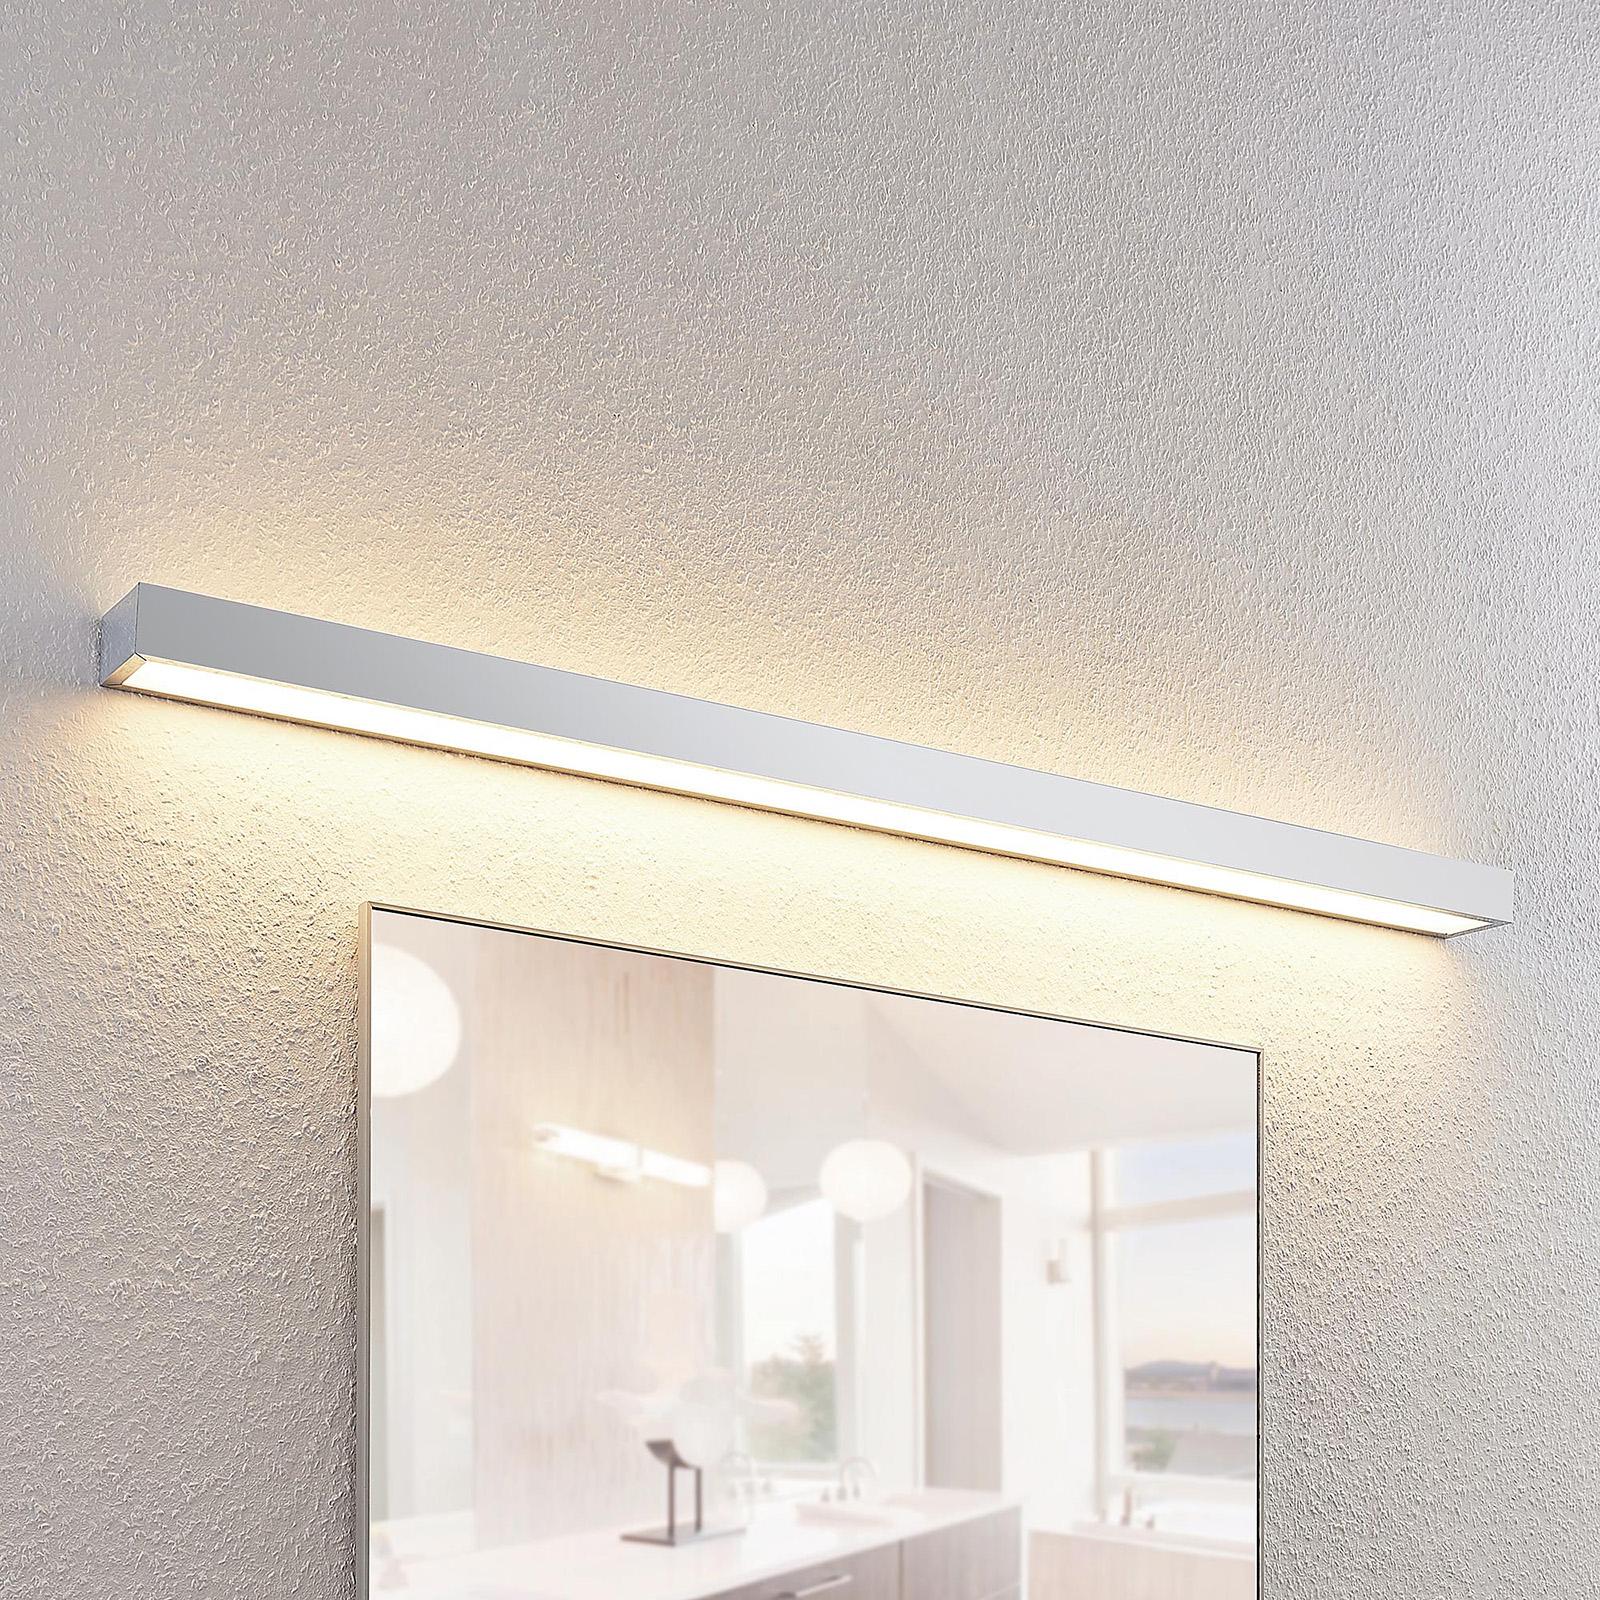 Lindby Layan LED-væglampe til badet, krom, 120 cm